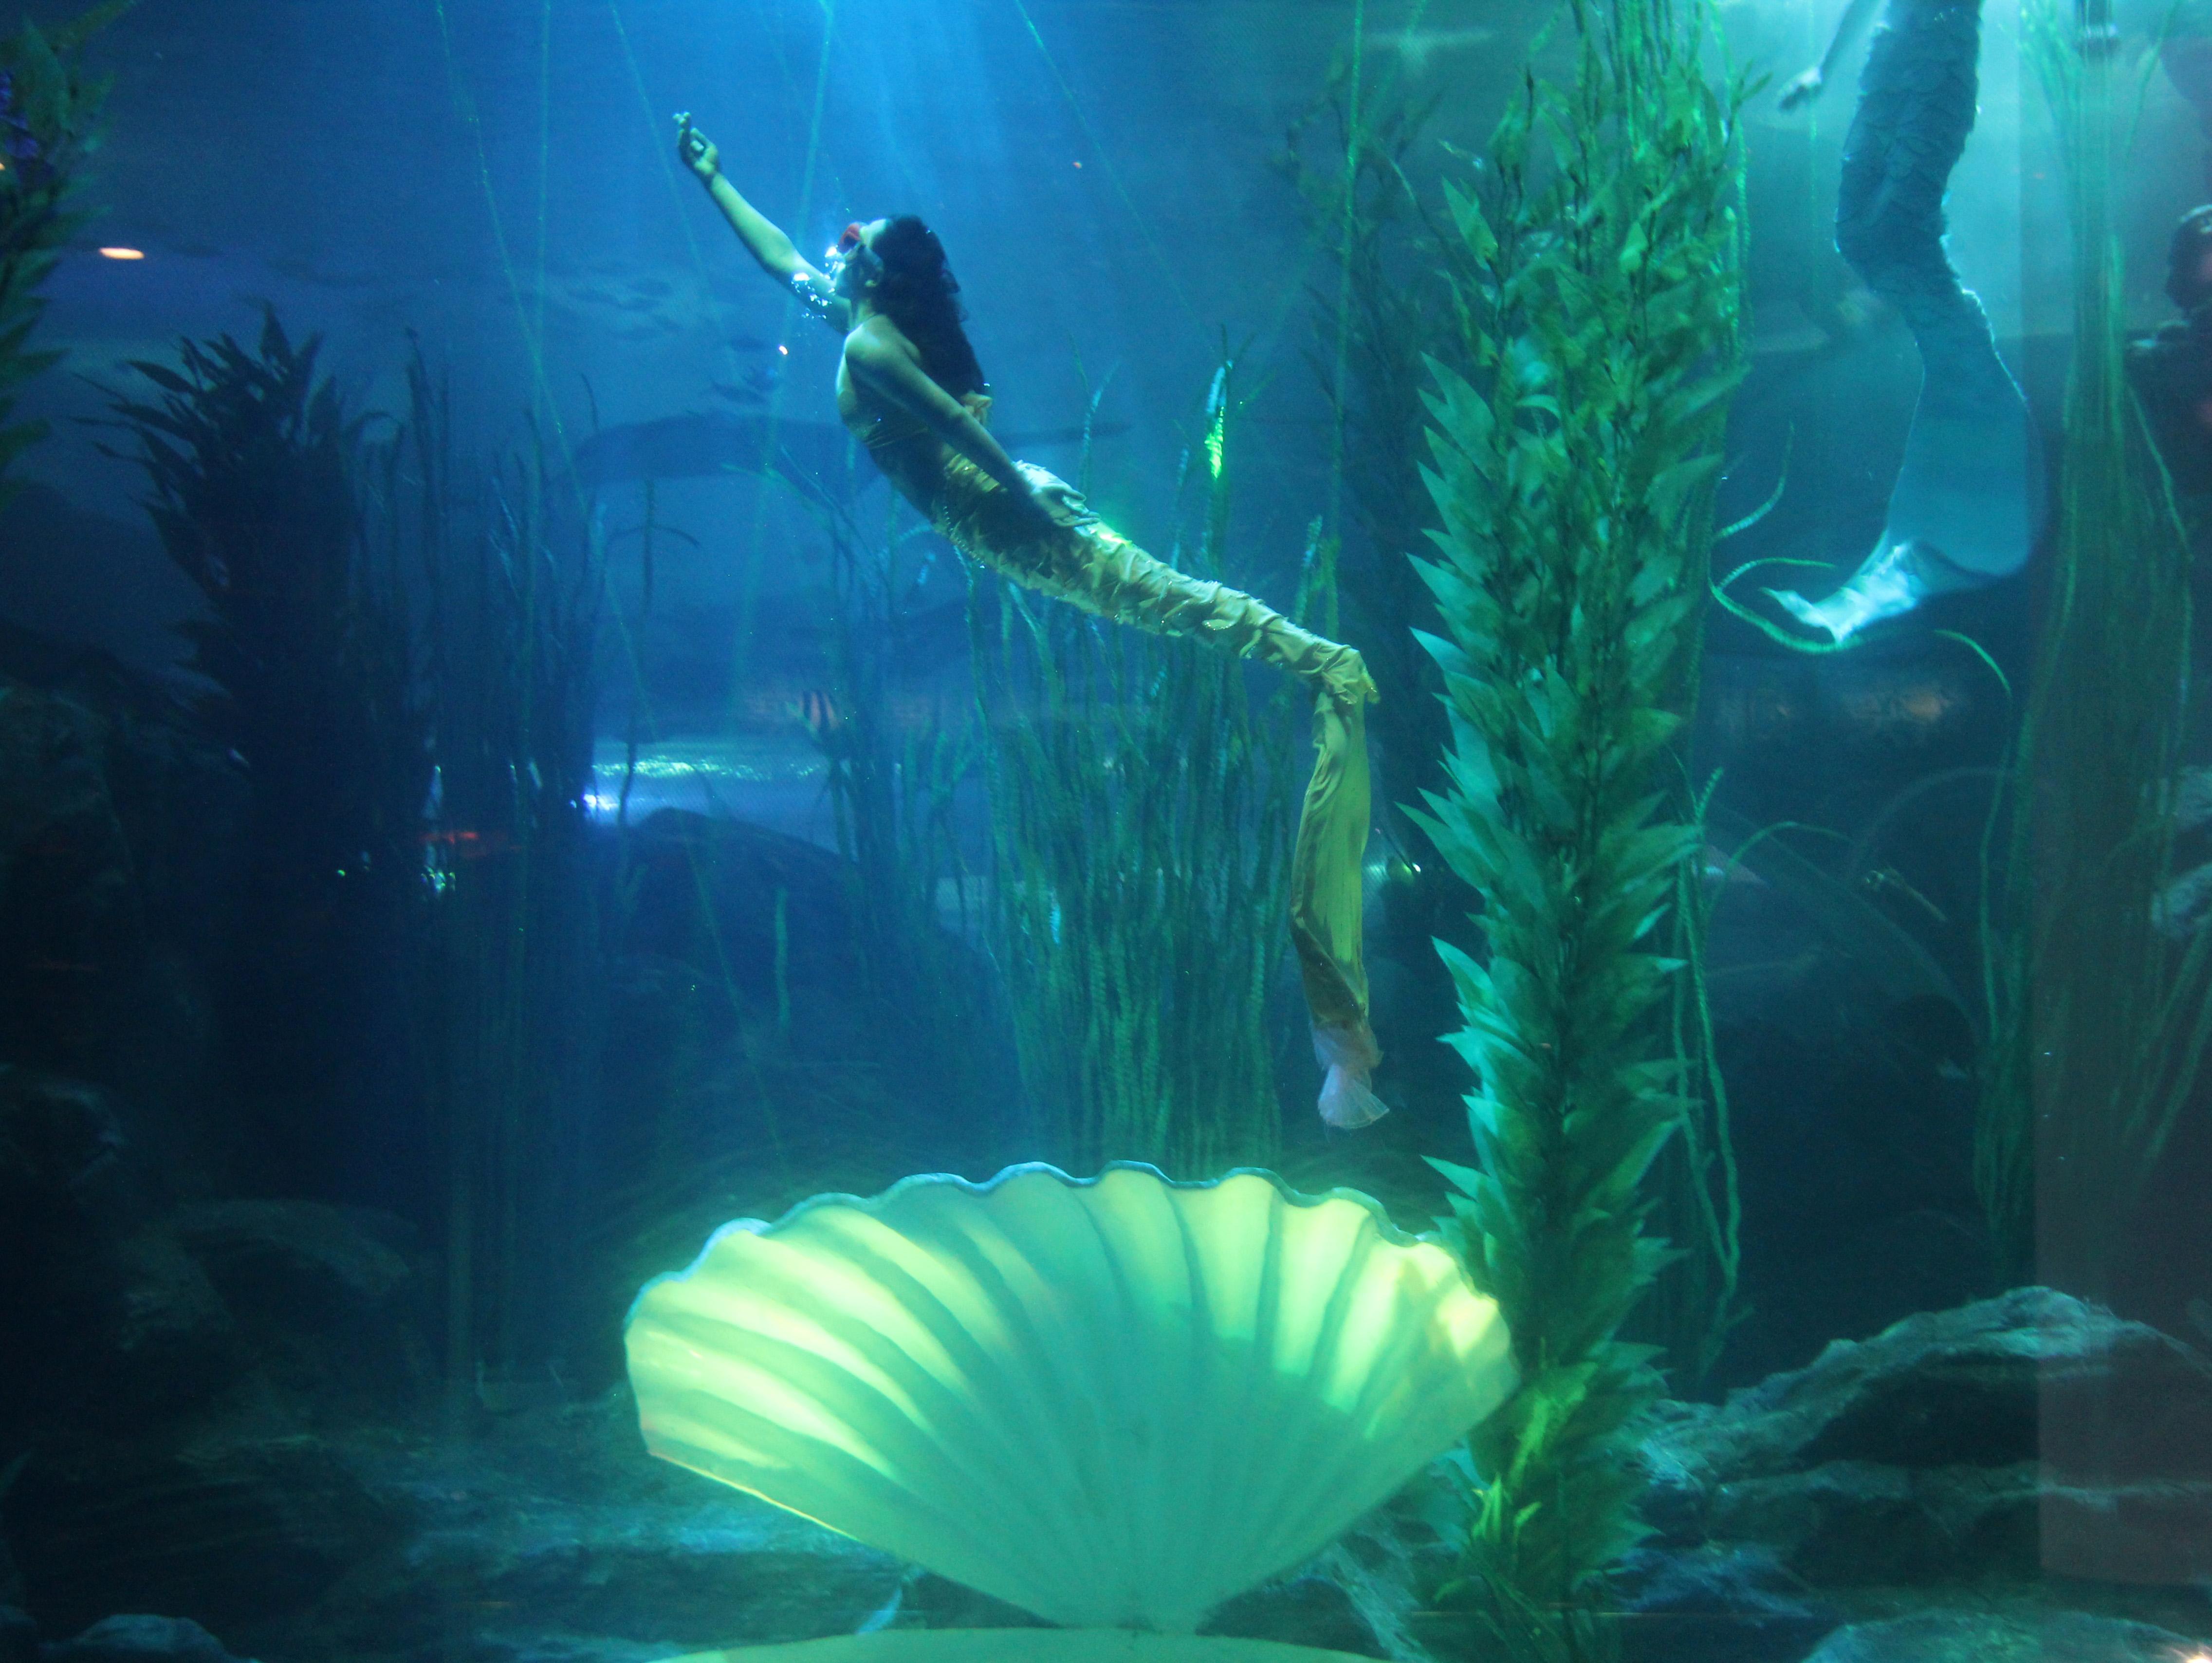 壁纸 动物 海底 海底世界 海洋馆 水族馆 鱼 鱼类 4544_3416